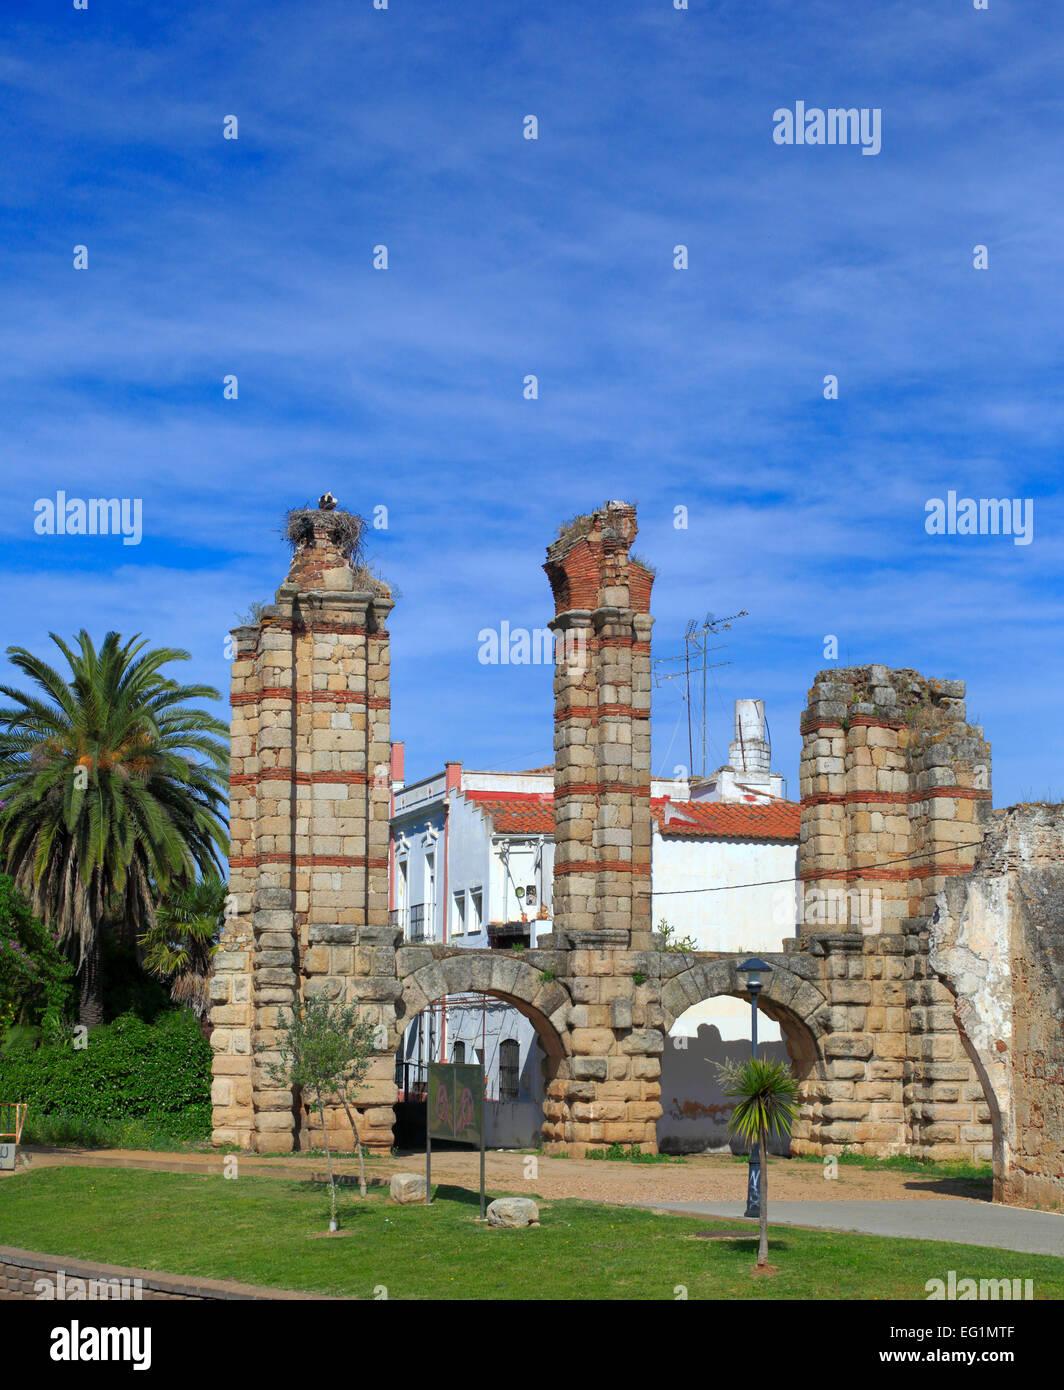 Roman Acueducto de los Milagros (Miraculous Aqueduct), Merida, Extremadura, Spain - Stock Image